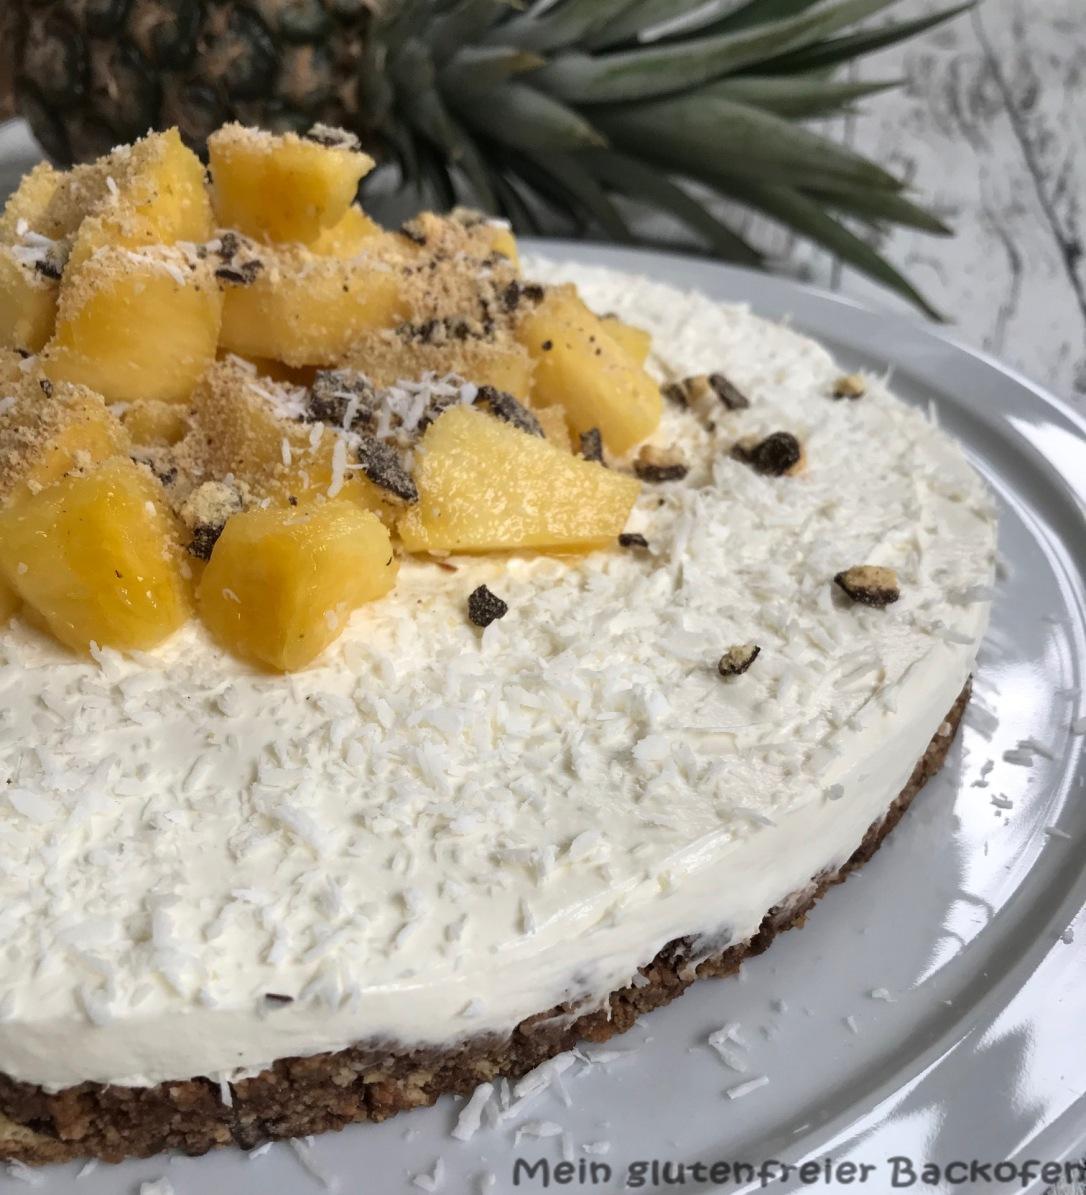 glutenfree pineapple cheesecake